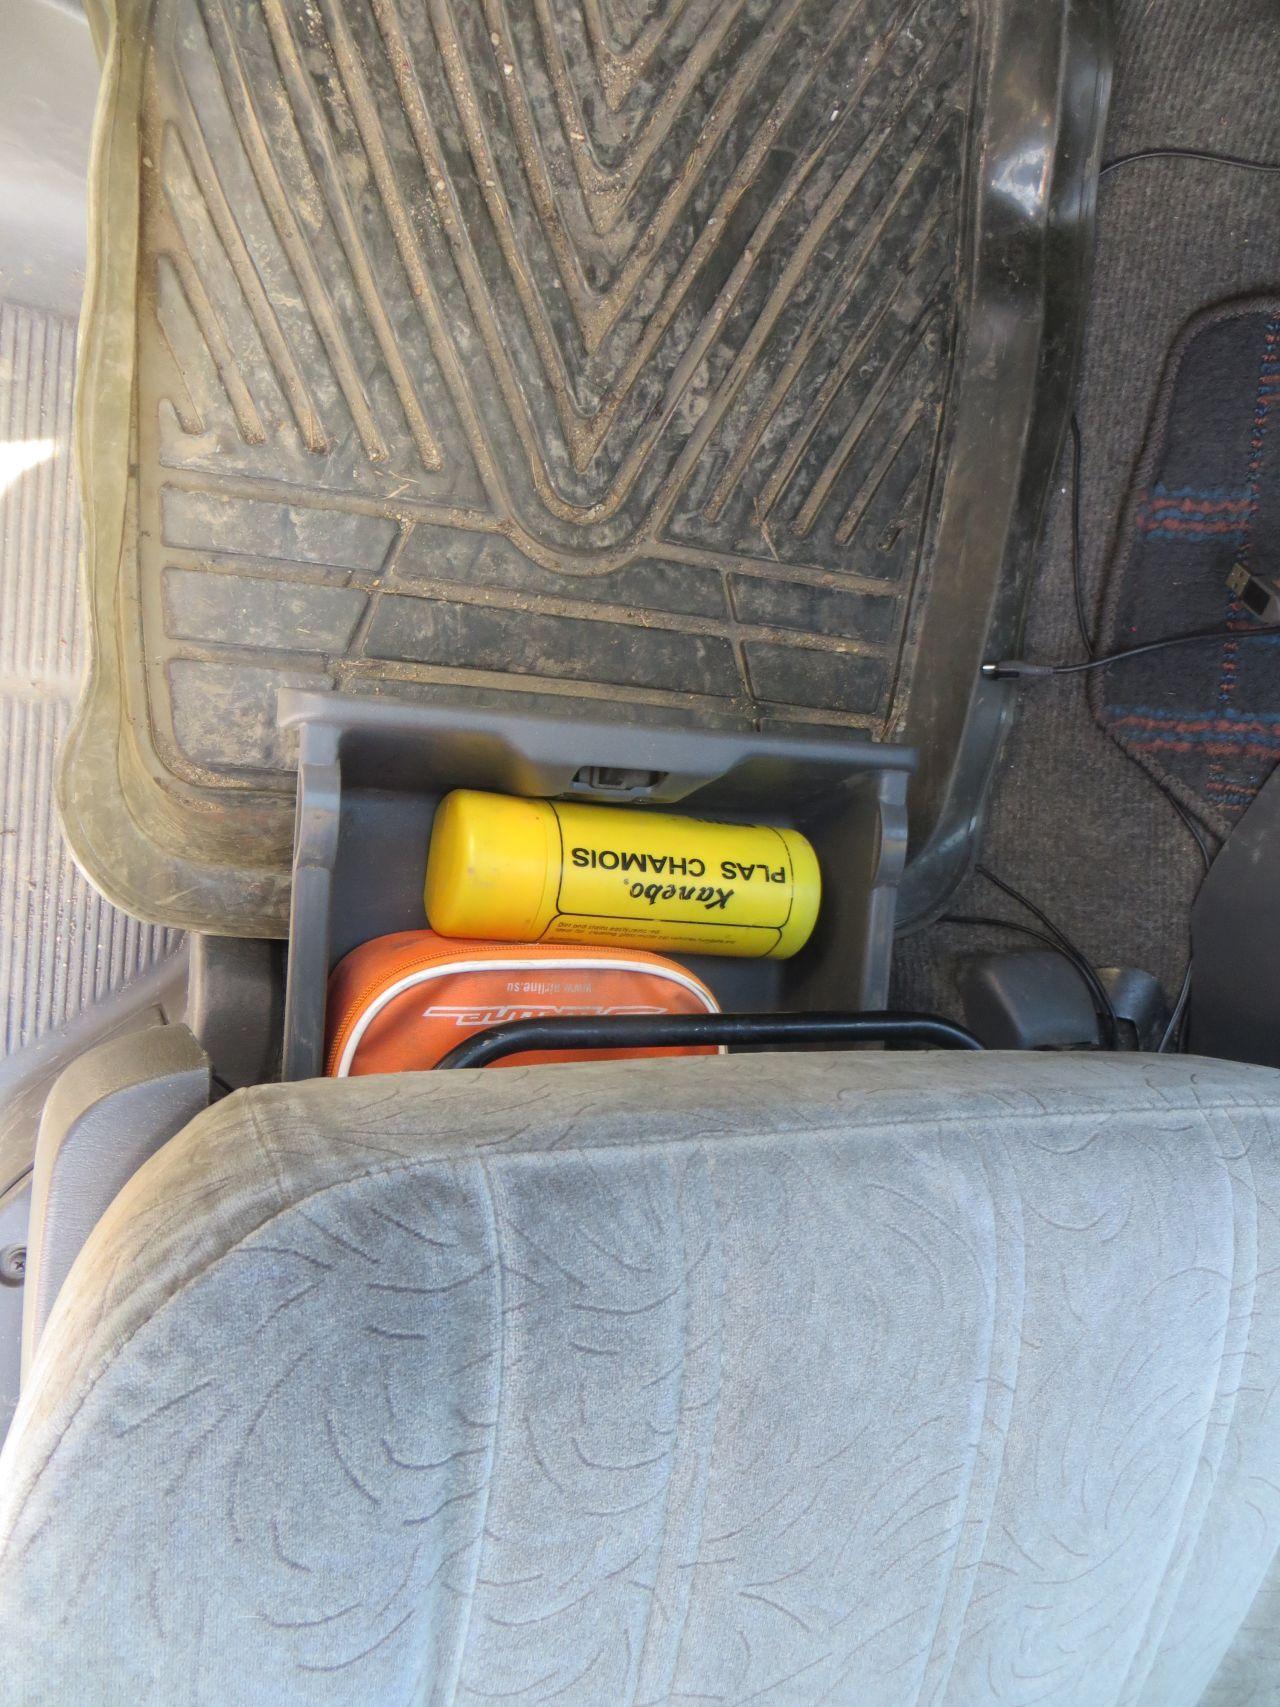 Выдвижной ящик под сидением переднего пассажира (у меня тут аптечка и тряпка + ещё входит пол литровая бутылка воды). Вид сверху как Вы поняли)))